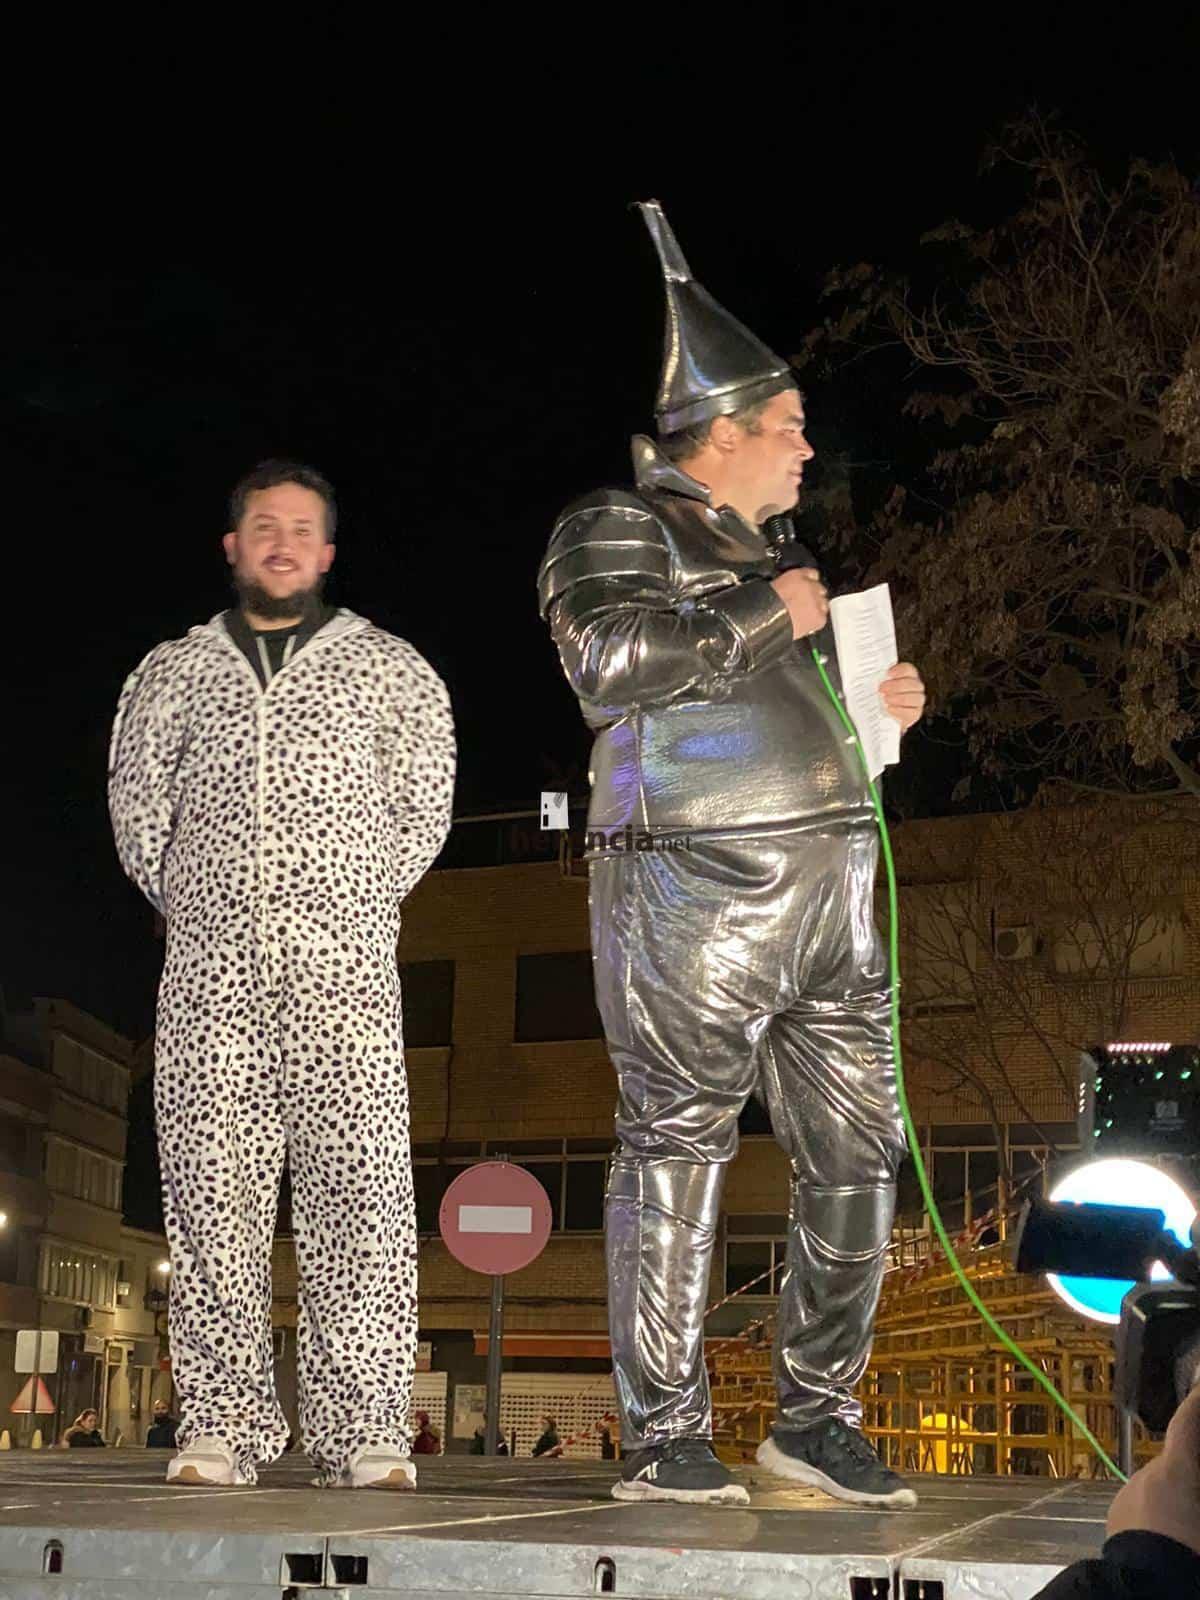 Viernes de Prisillas 2020 del Carnaval en imágenes 92